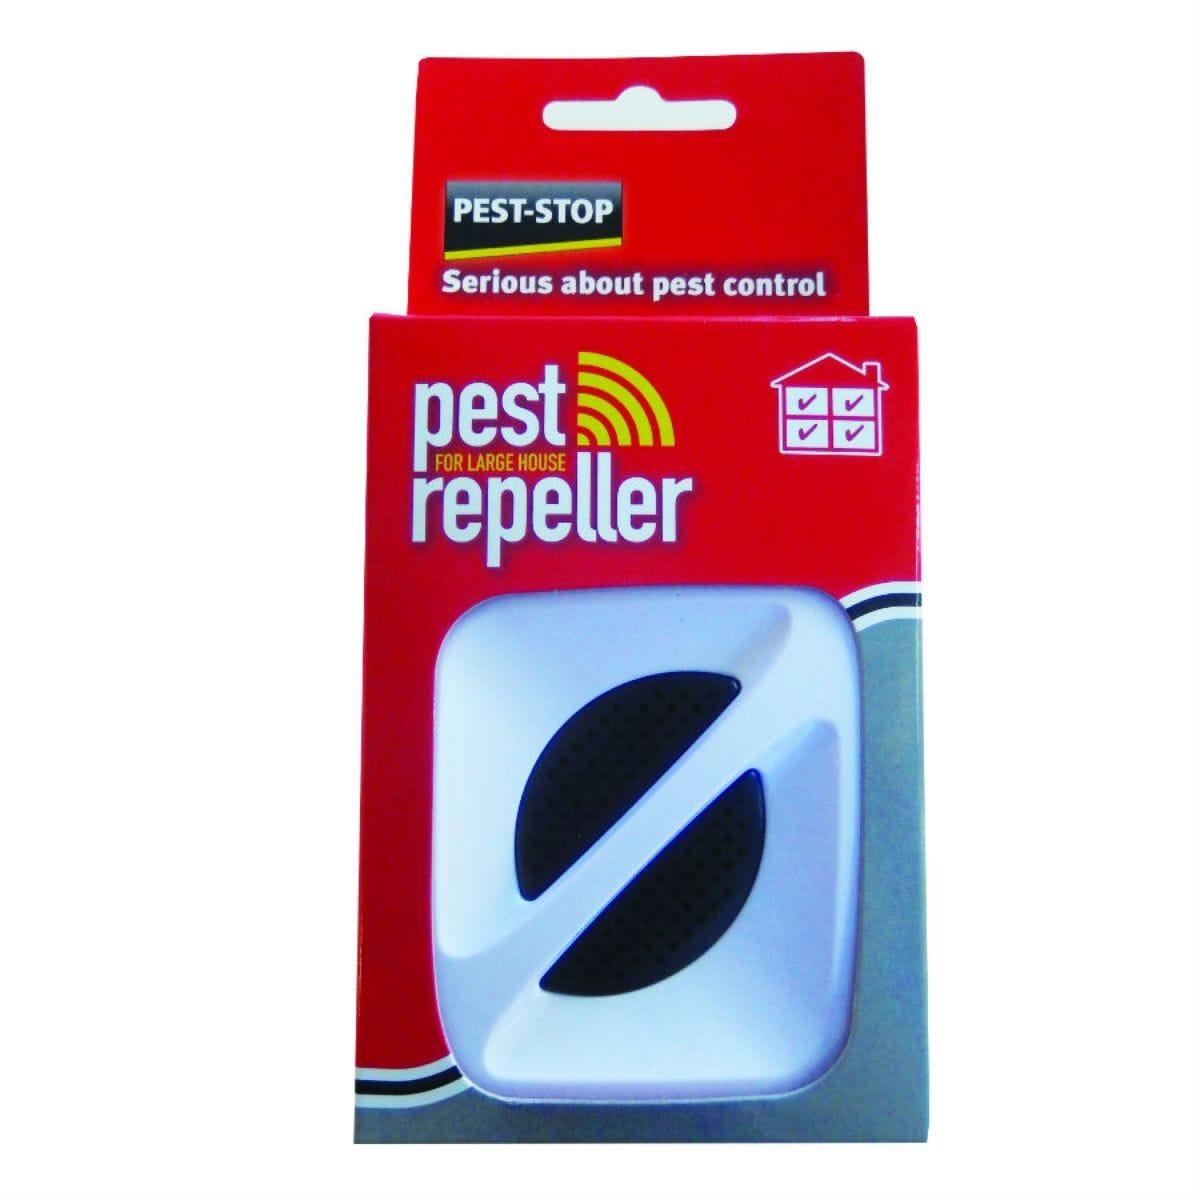 Pest-Stop Indoor Pest Repeller